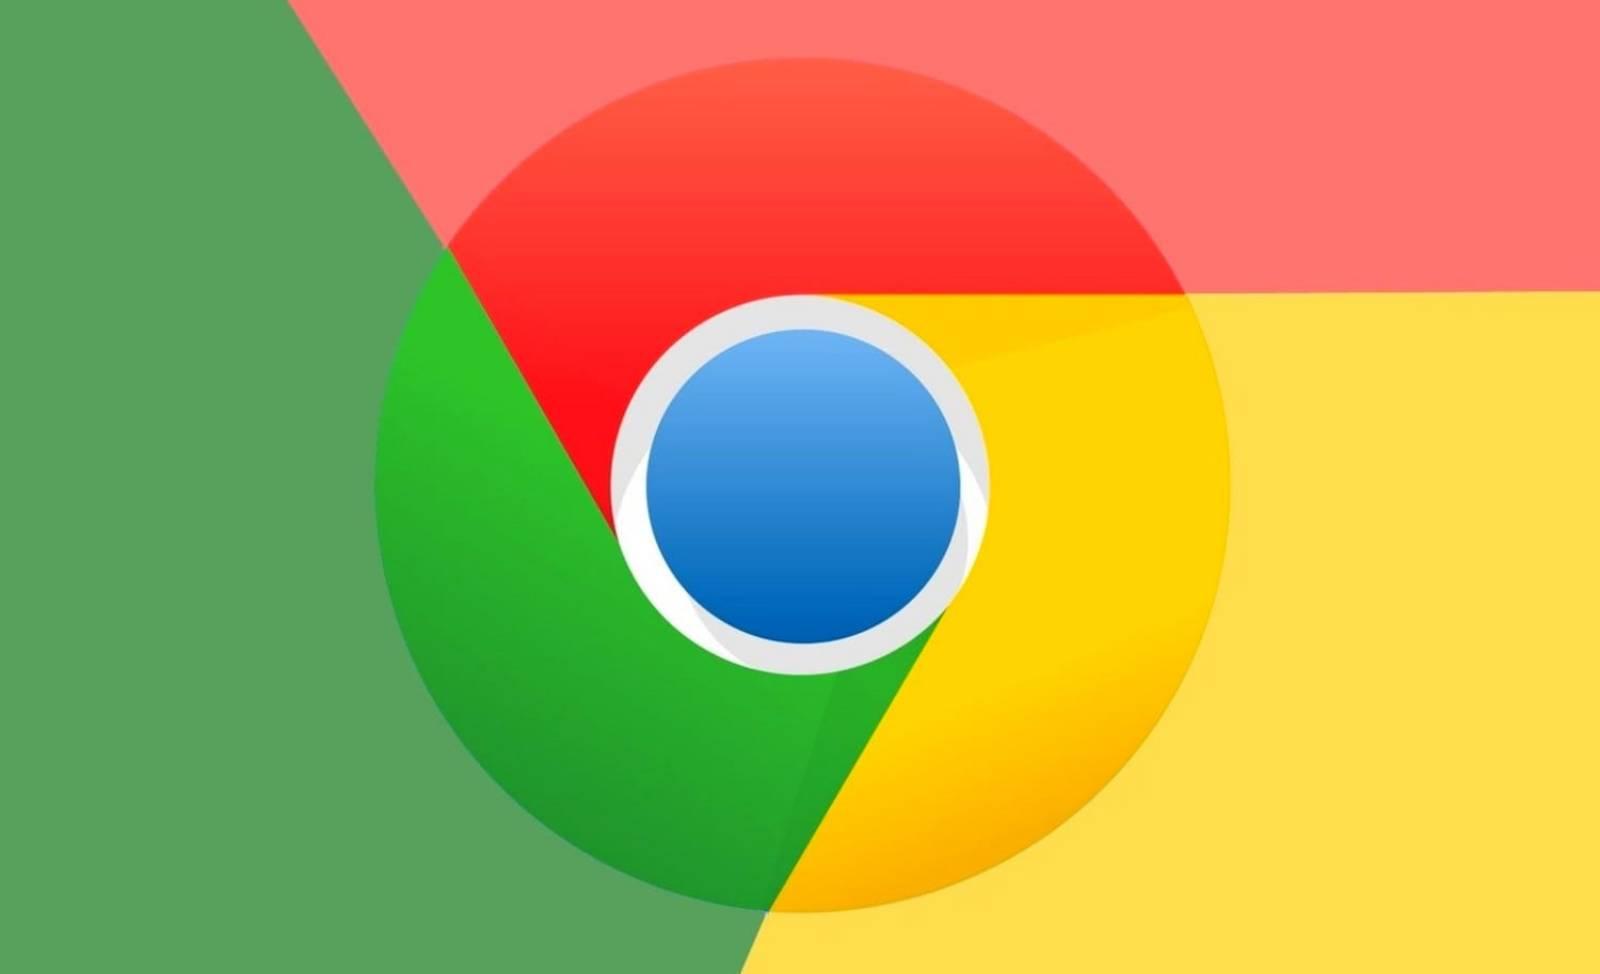 Google Chrome meniu contextual